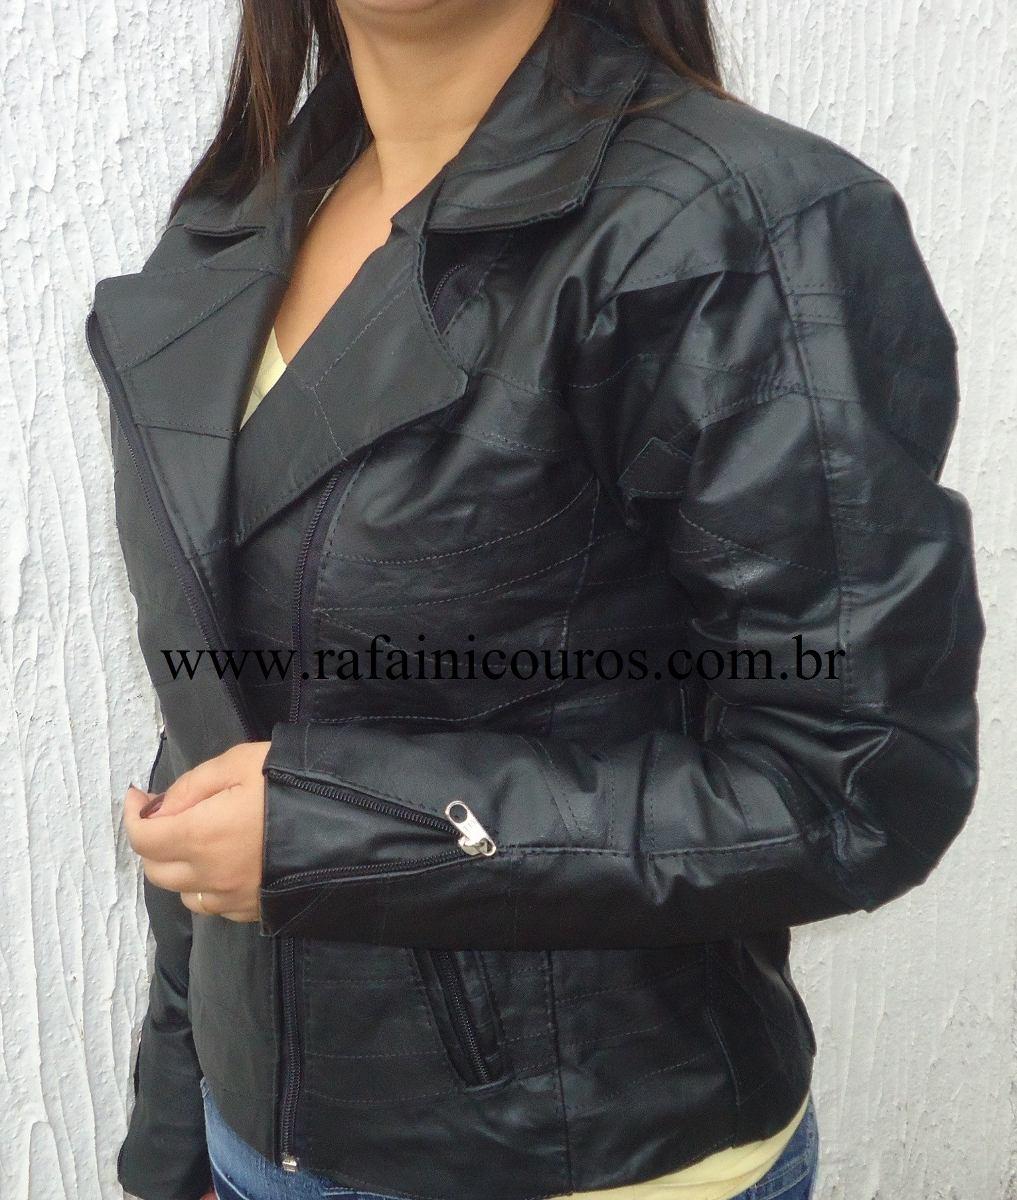 d1ad72d0e jaqueta de couro legitimo feminina em retalhos casaco couro. Carregando  zoom.